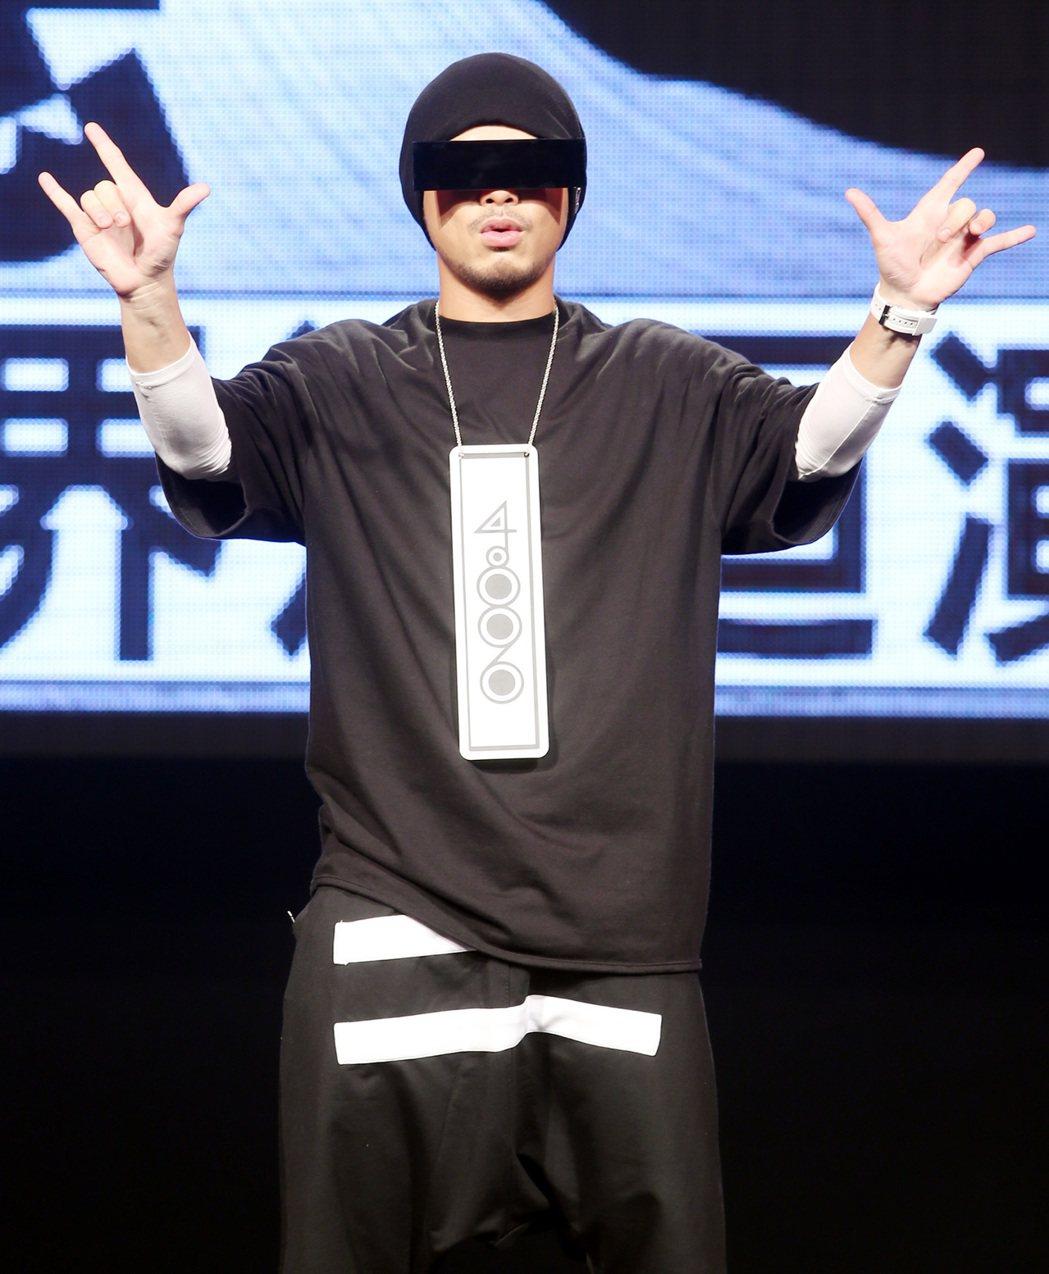 馬來西亞創作鬼才黃明志宣布「4896世界巡迴演唱會」開跑。記者侯永全/攝影